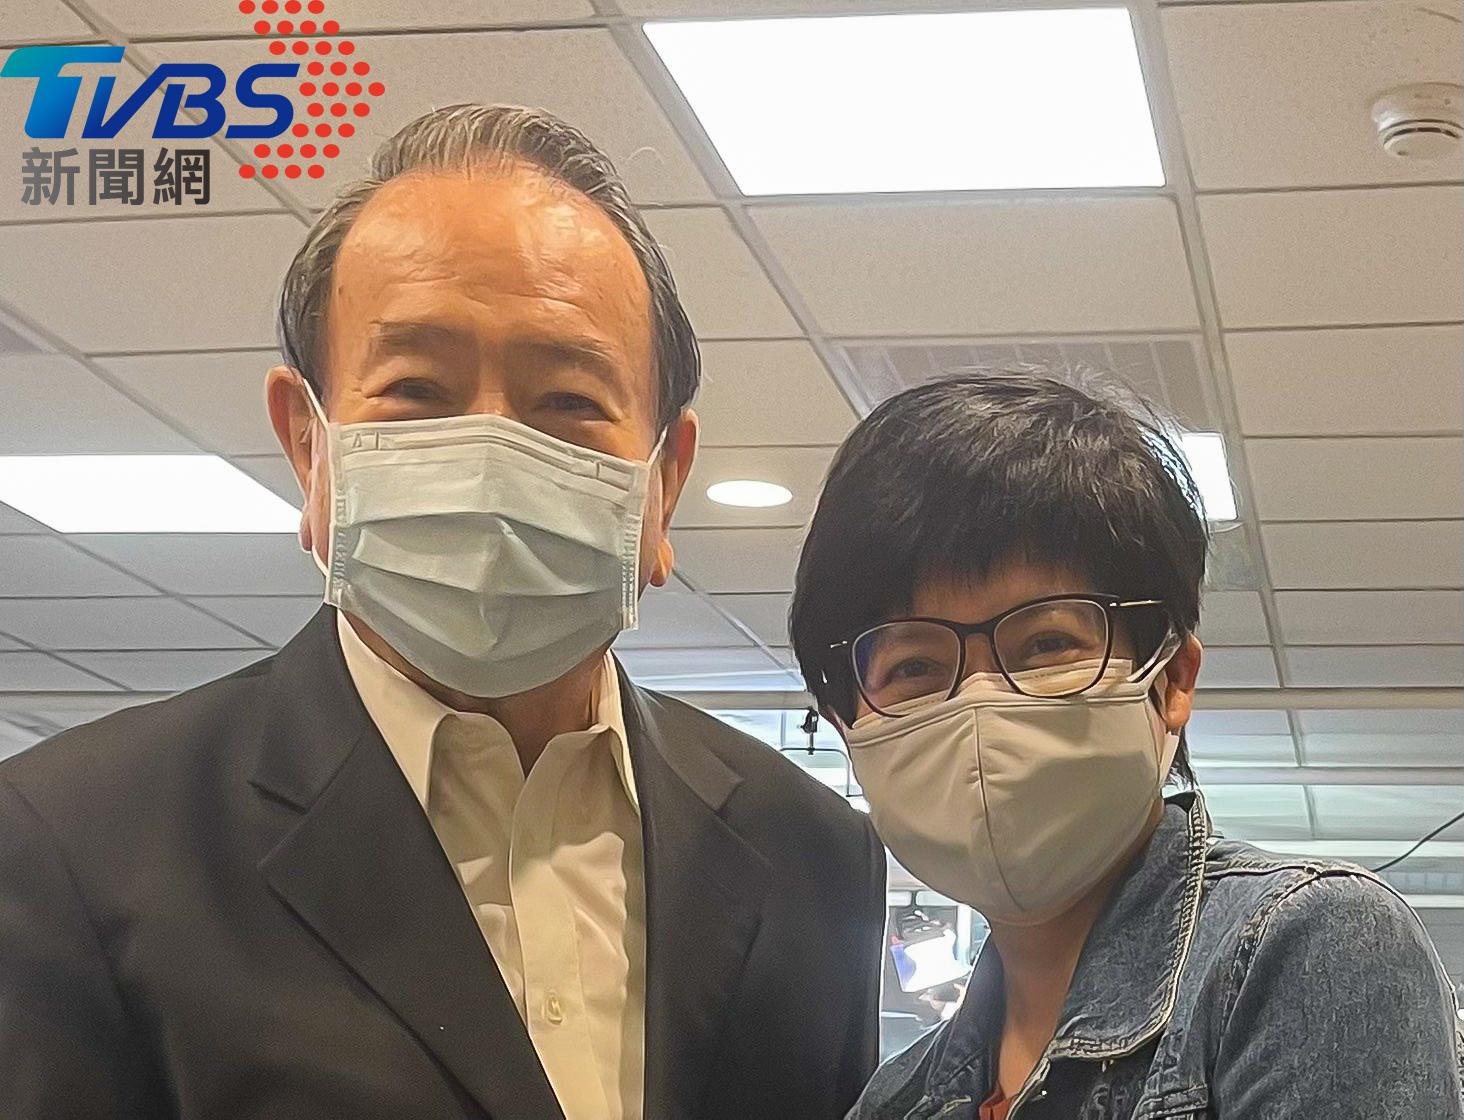 圖/TVBS提供 和傳奇說再見!氣象預報逾半世紀 任立渝5/31光榮退休